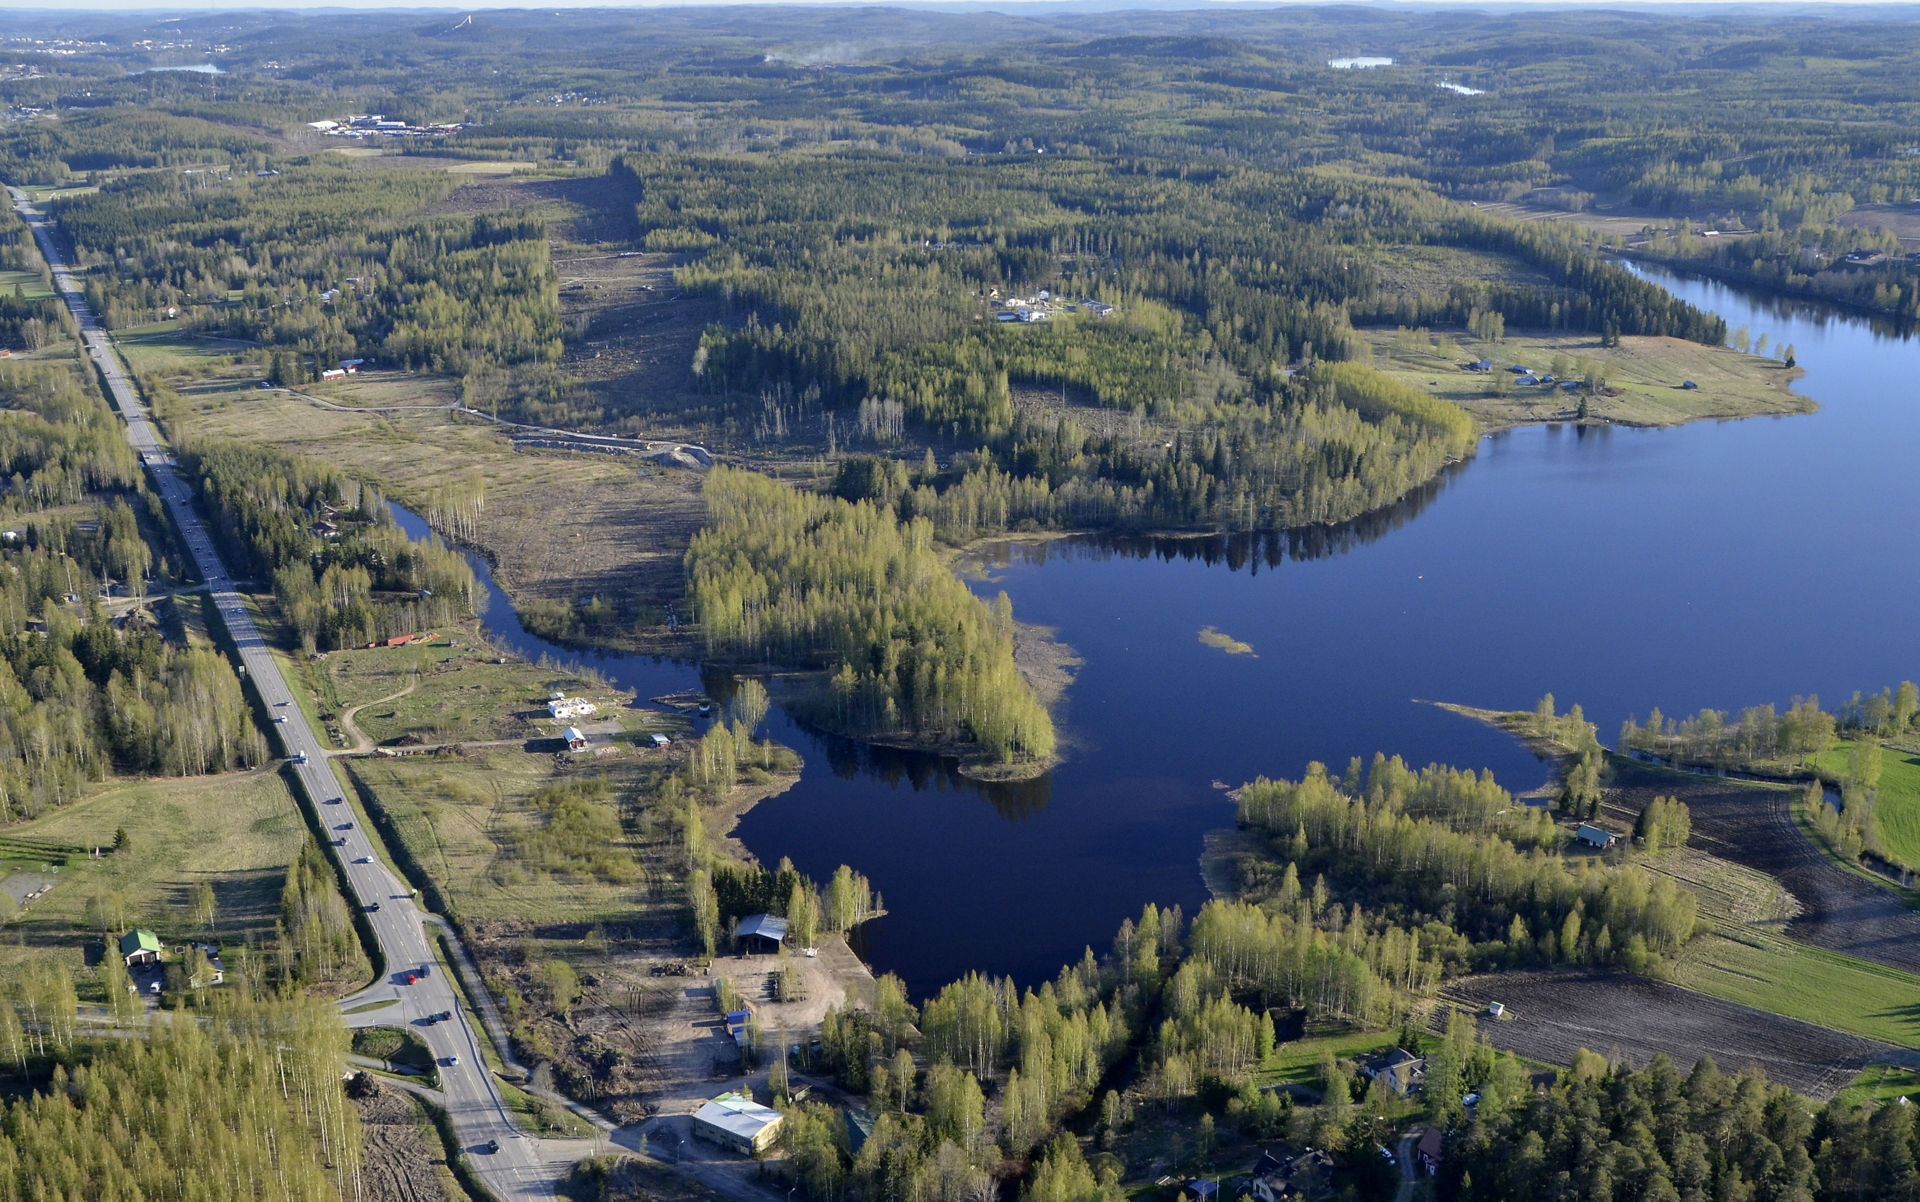 """Vasemmalle risteävä tie vie Peräpalokkaan ja Alvajärven """"takapuolta"""" Jyväskylään saakka. Kuvassa oikealle erkanee uuden tien linjaus."""